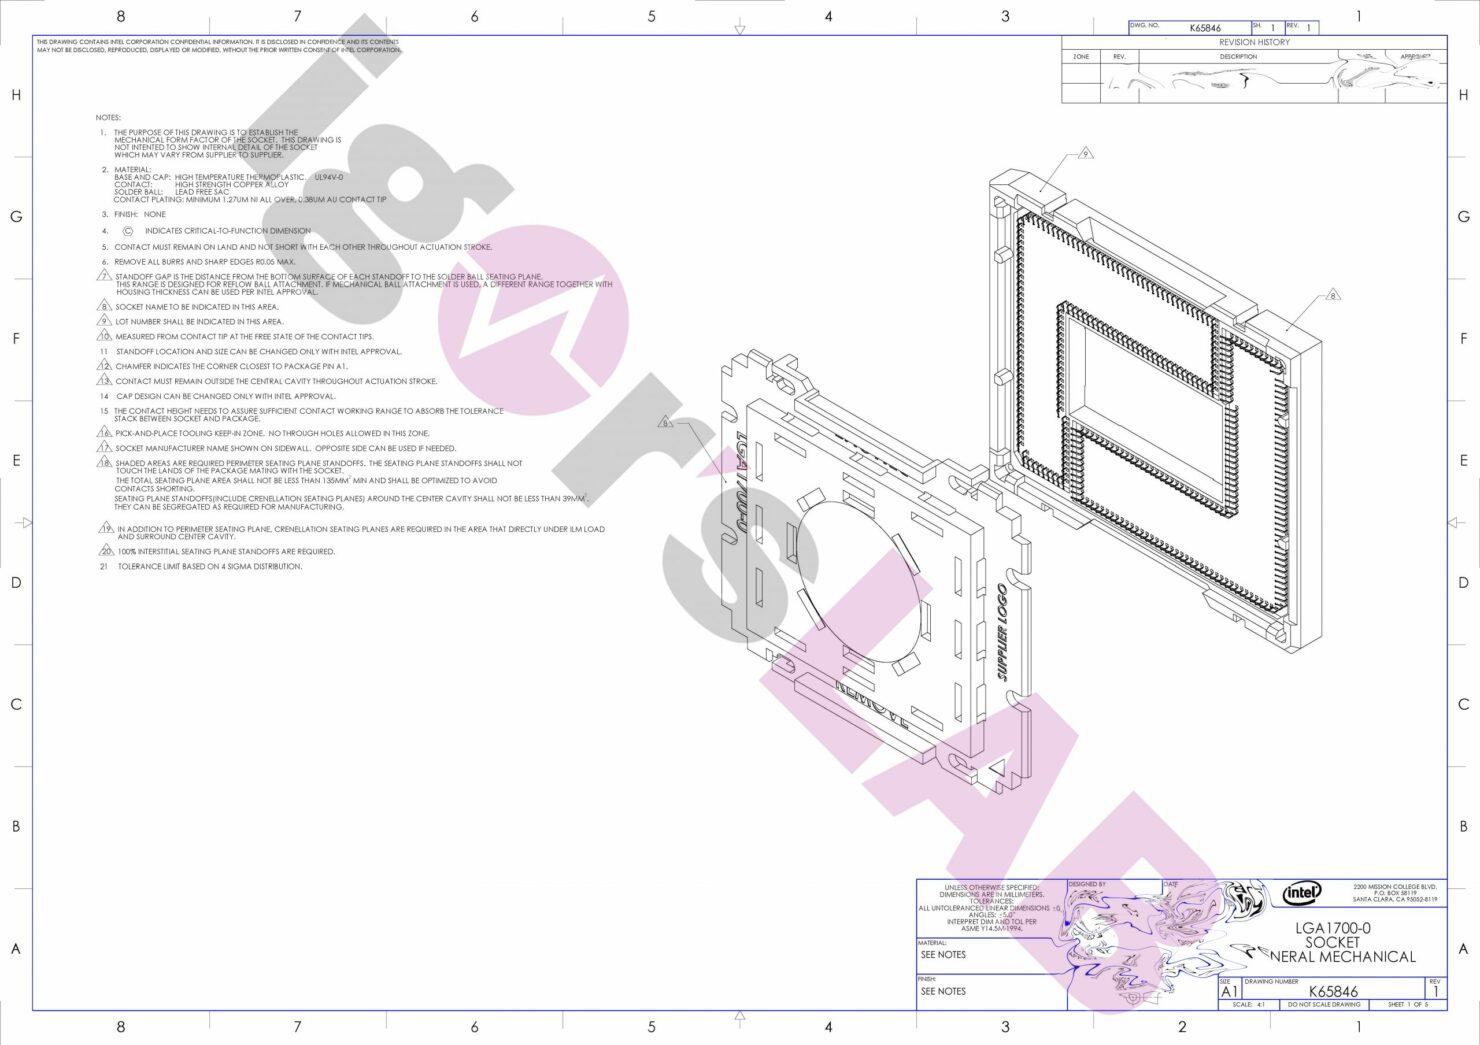 intel-lga-1700-lga-1800-desktop-cpu-socket-leak-alder-lake-_7